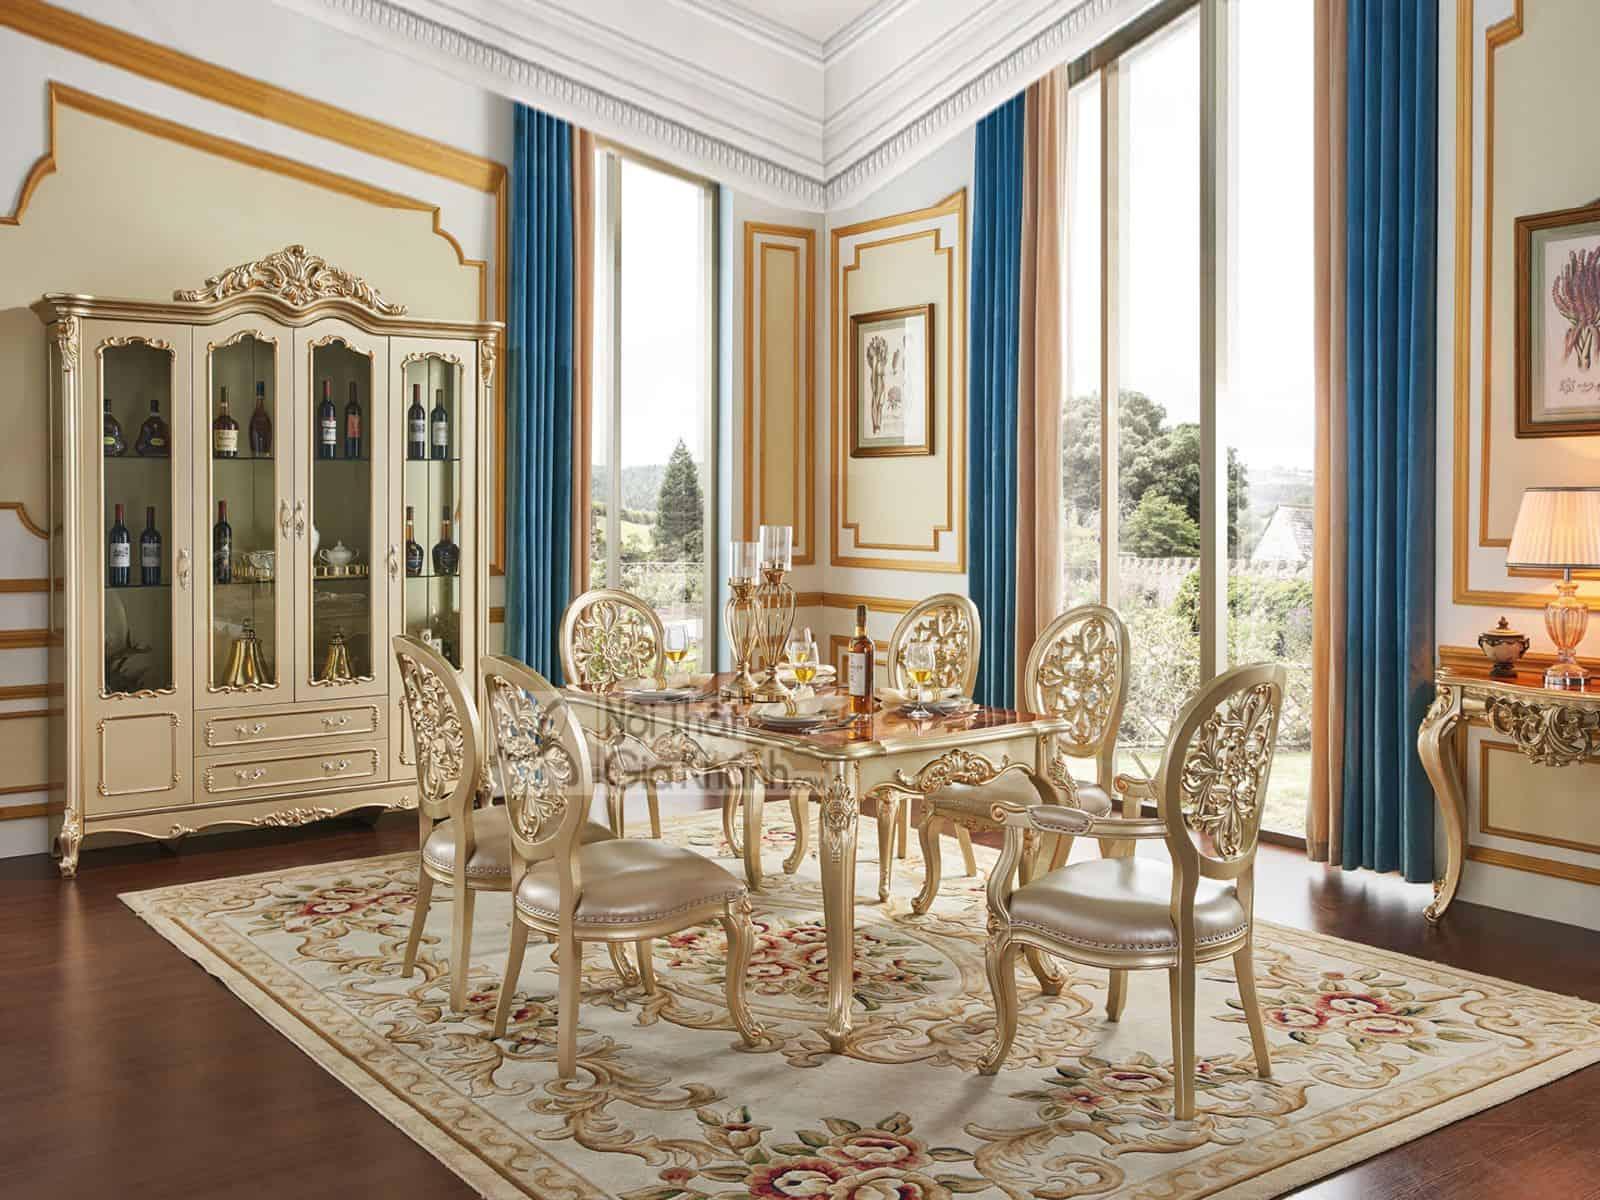 Bàn ăn mặt gỗ Tân cổ điển màu vàng rượu Sampanh BA8801AG-14 đậm chất hoàng gia